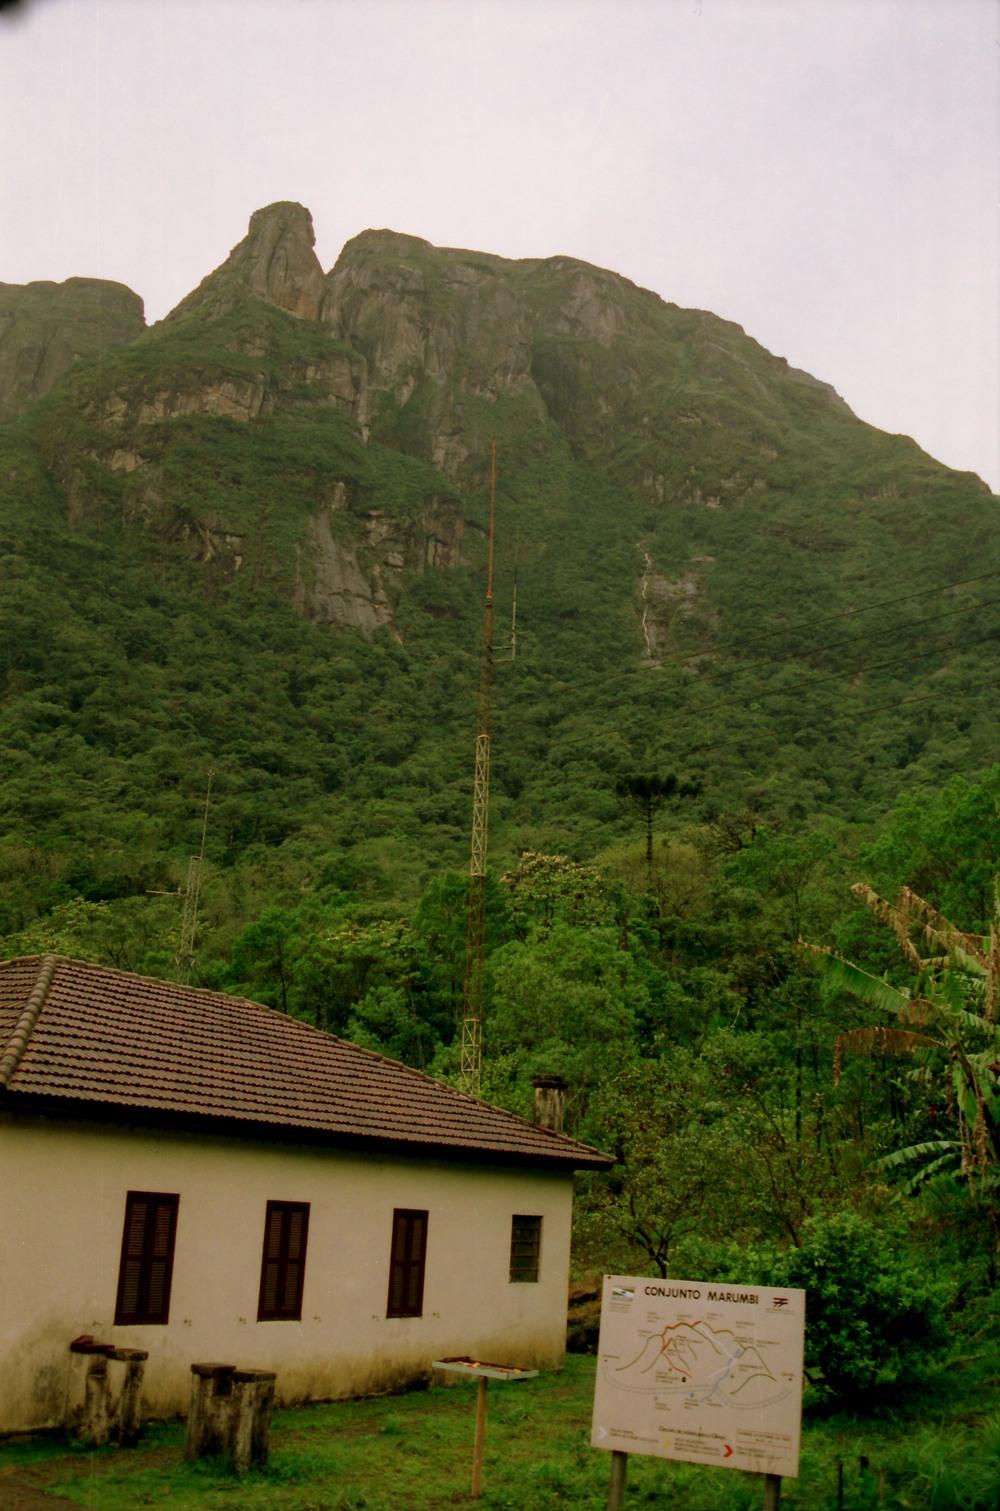 BrazilJpg_0031.jpg